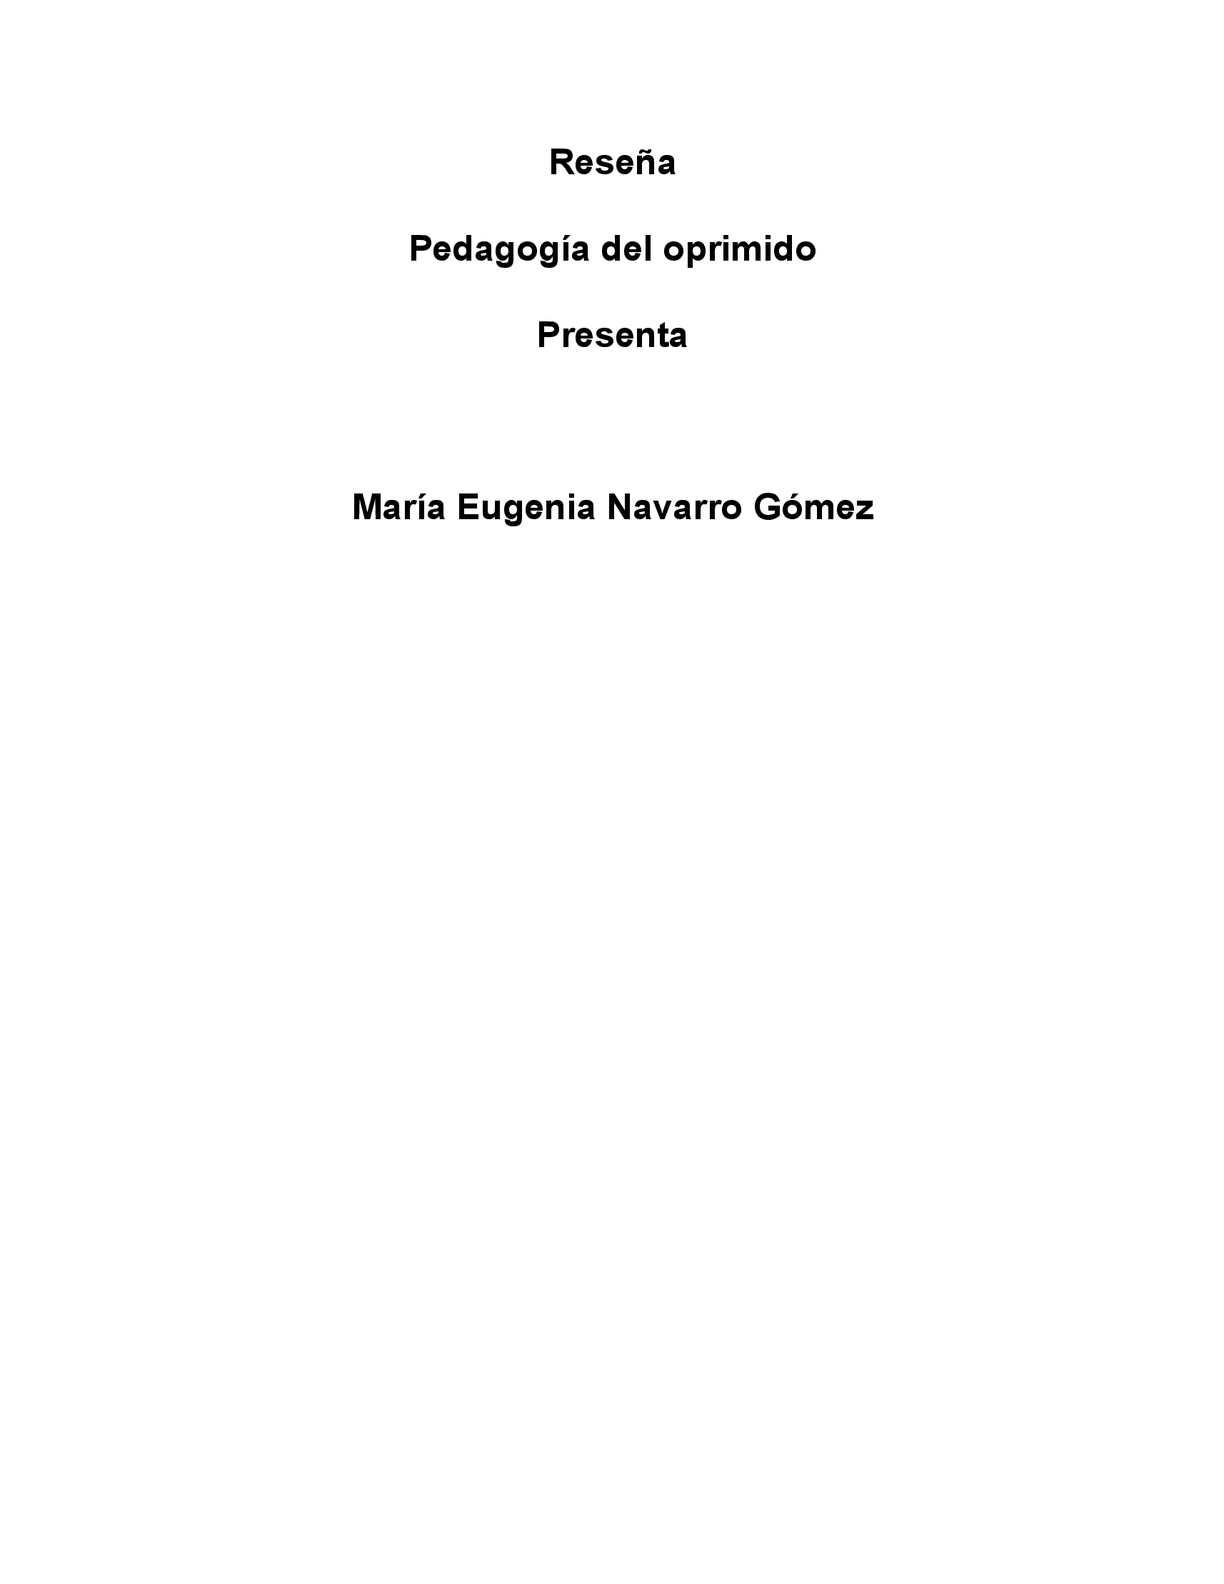 Reseña Pedagogía del oprimido Paulo Freire